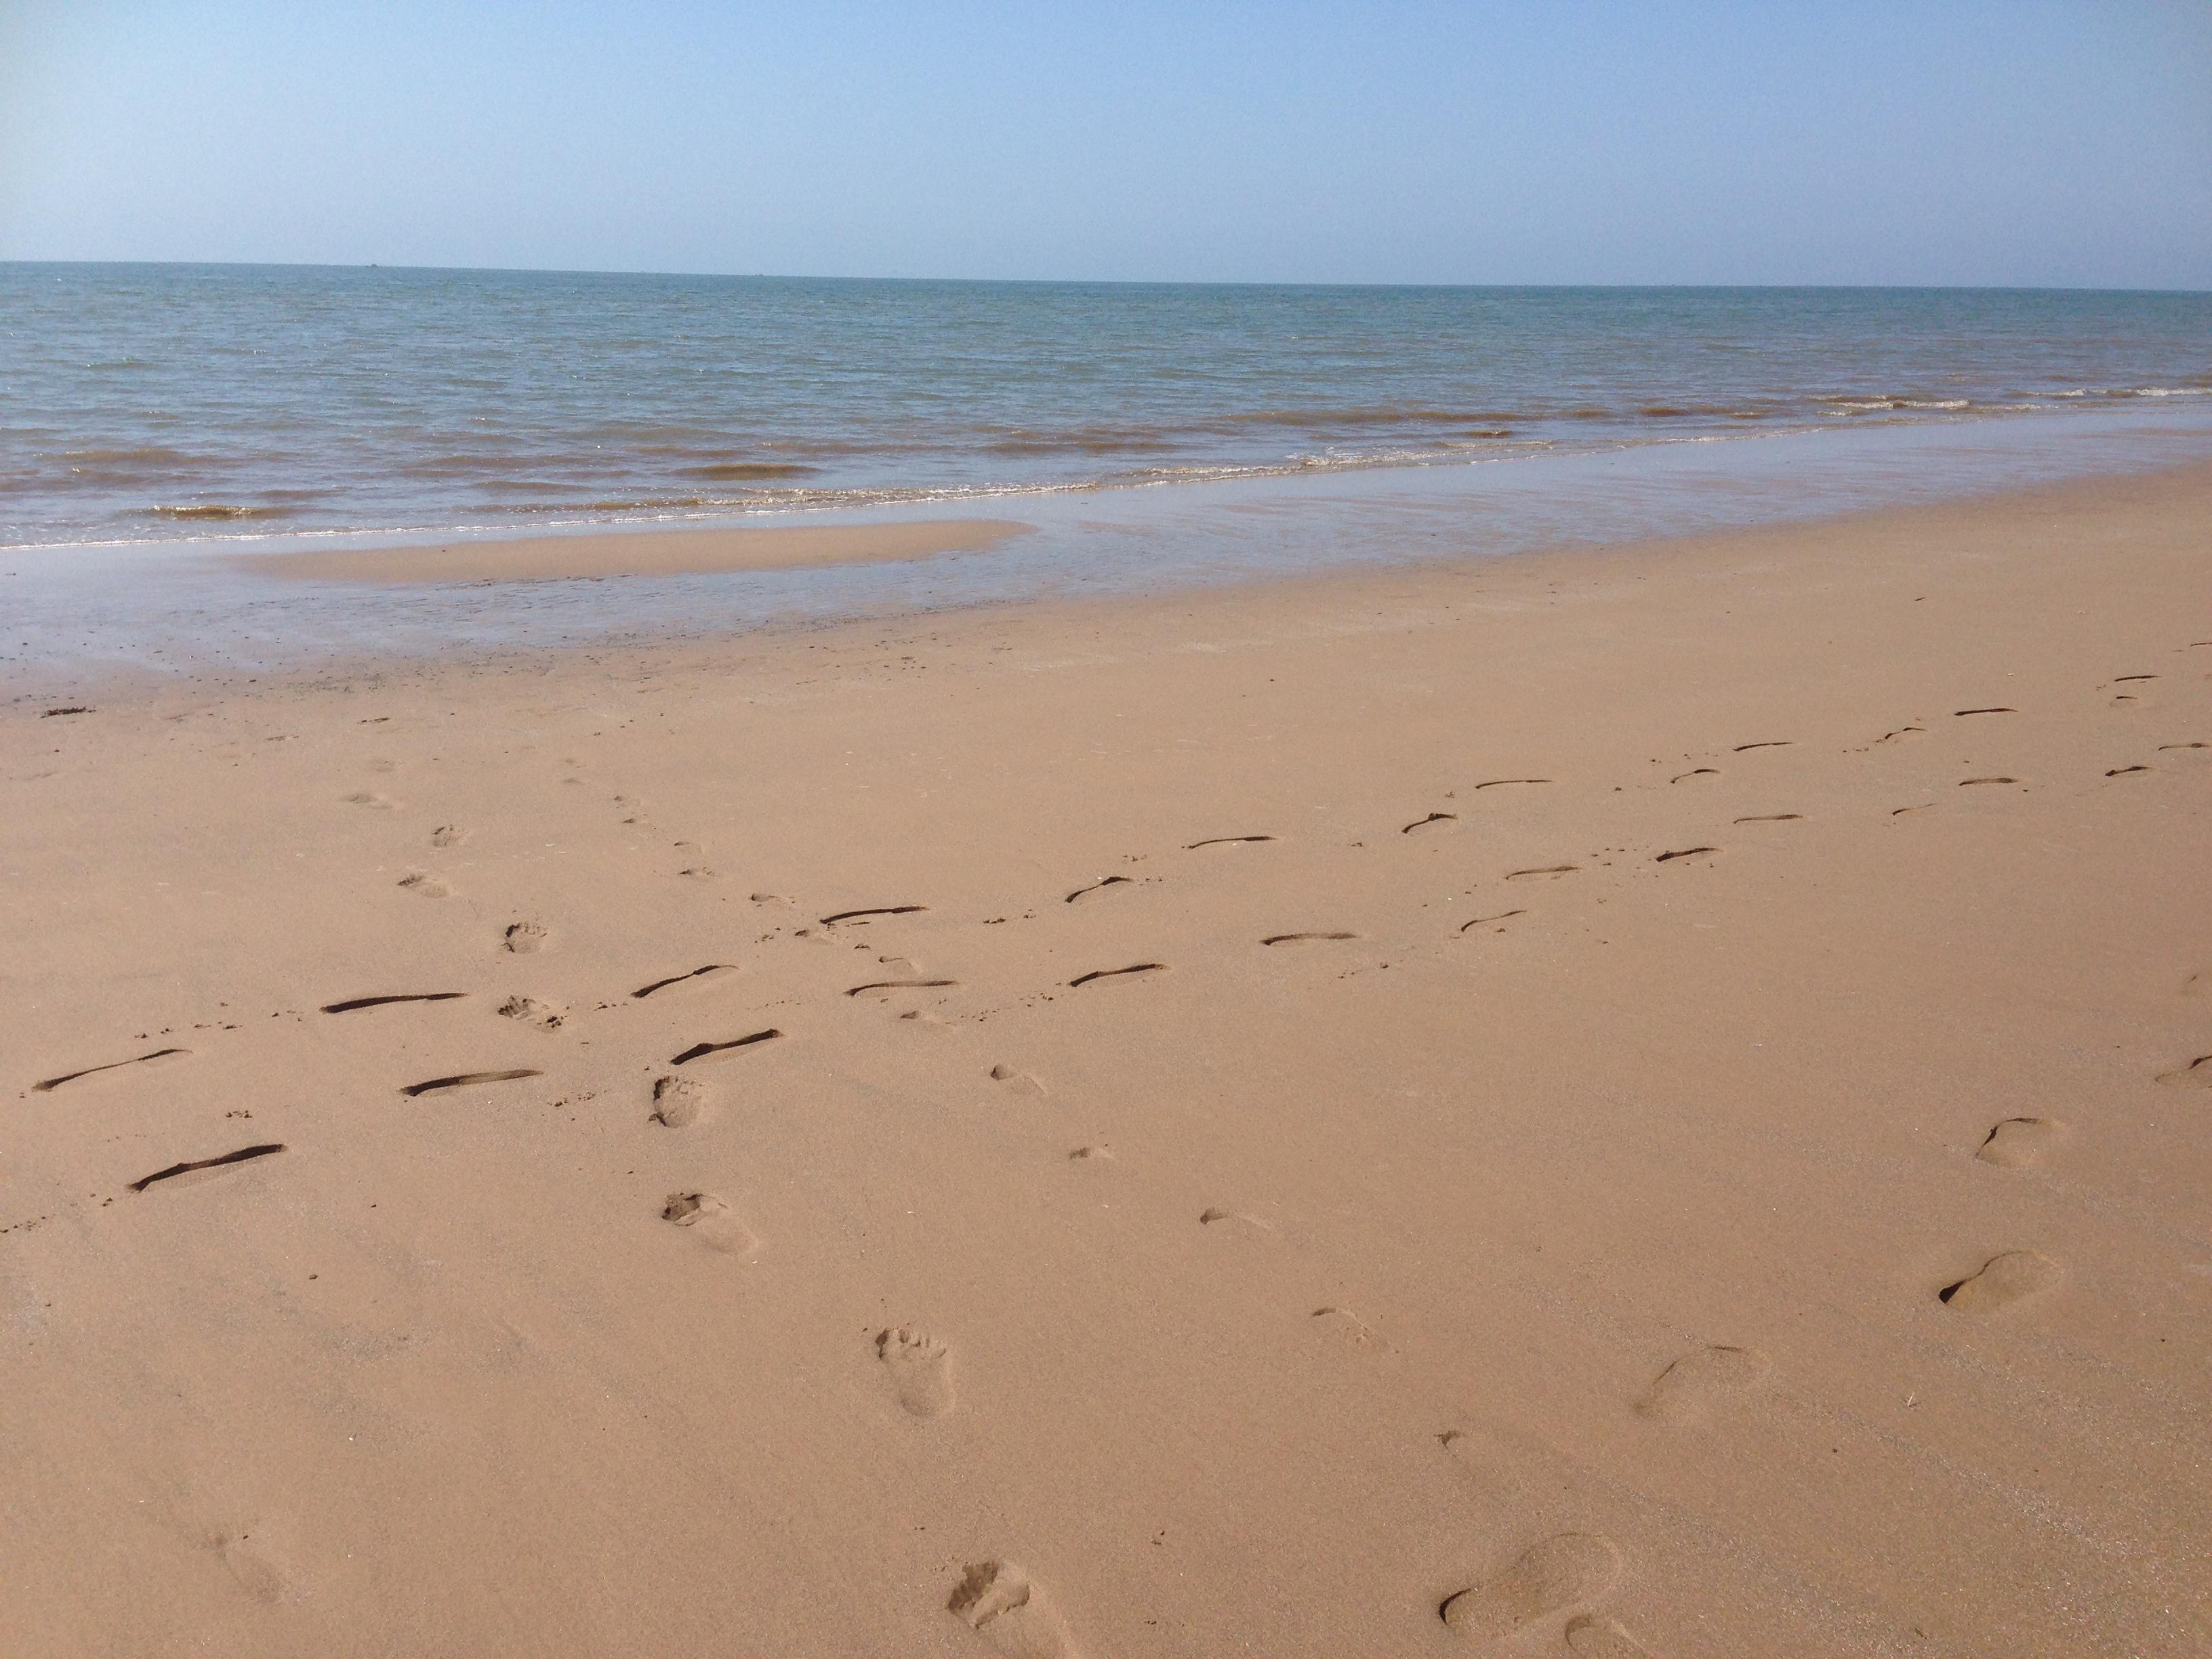 Cleveleys Seaside